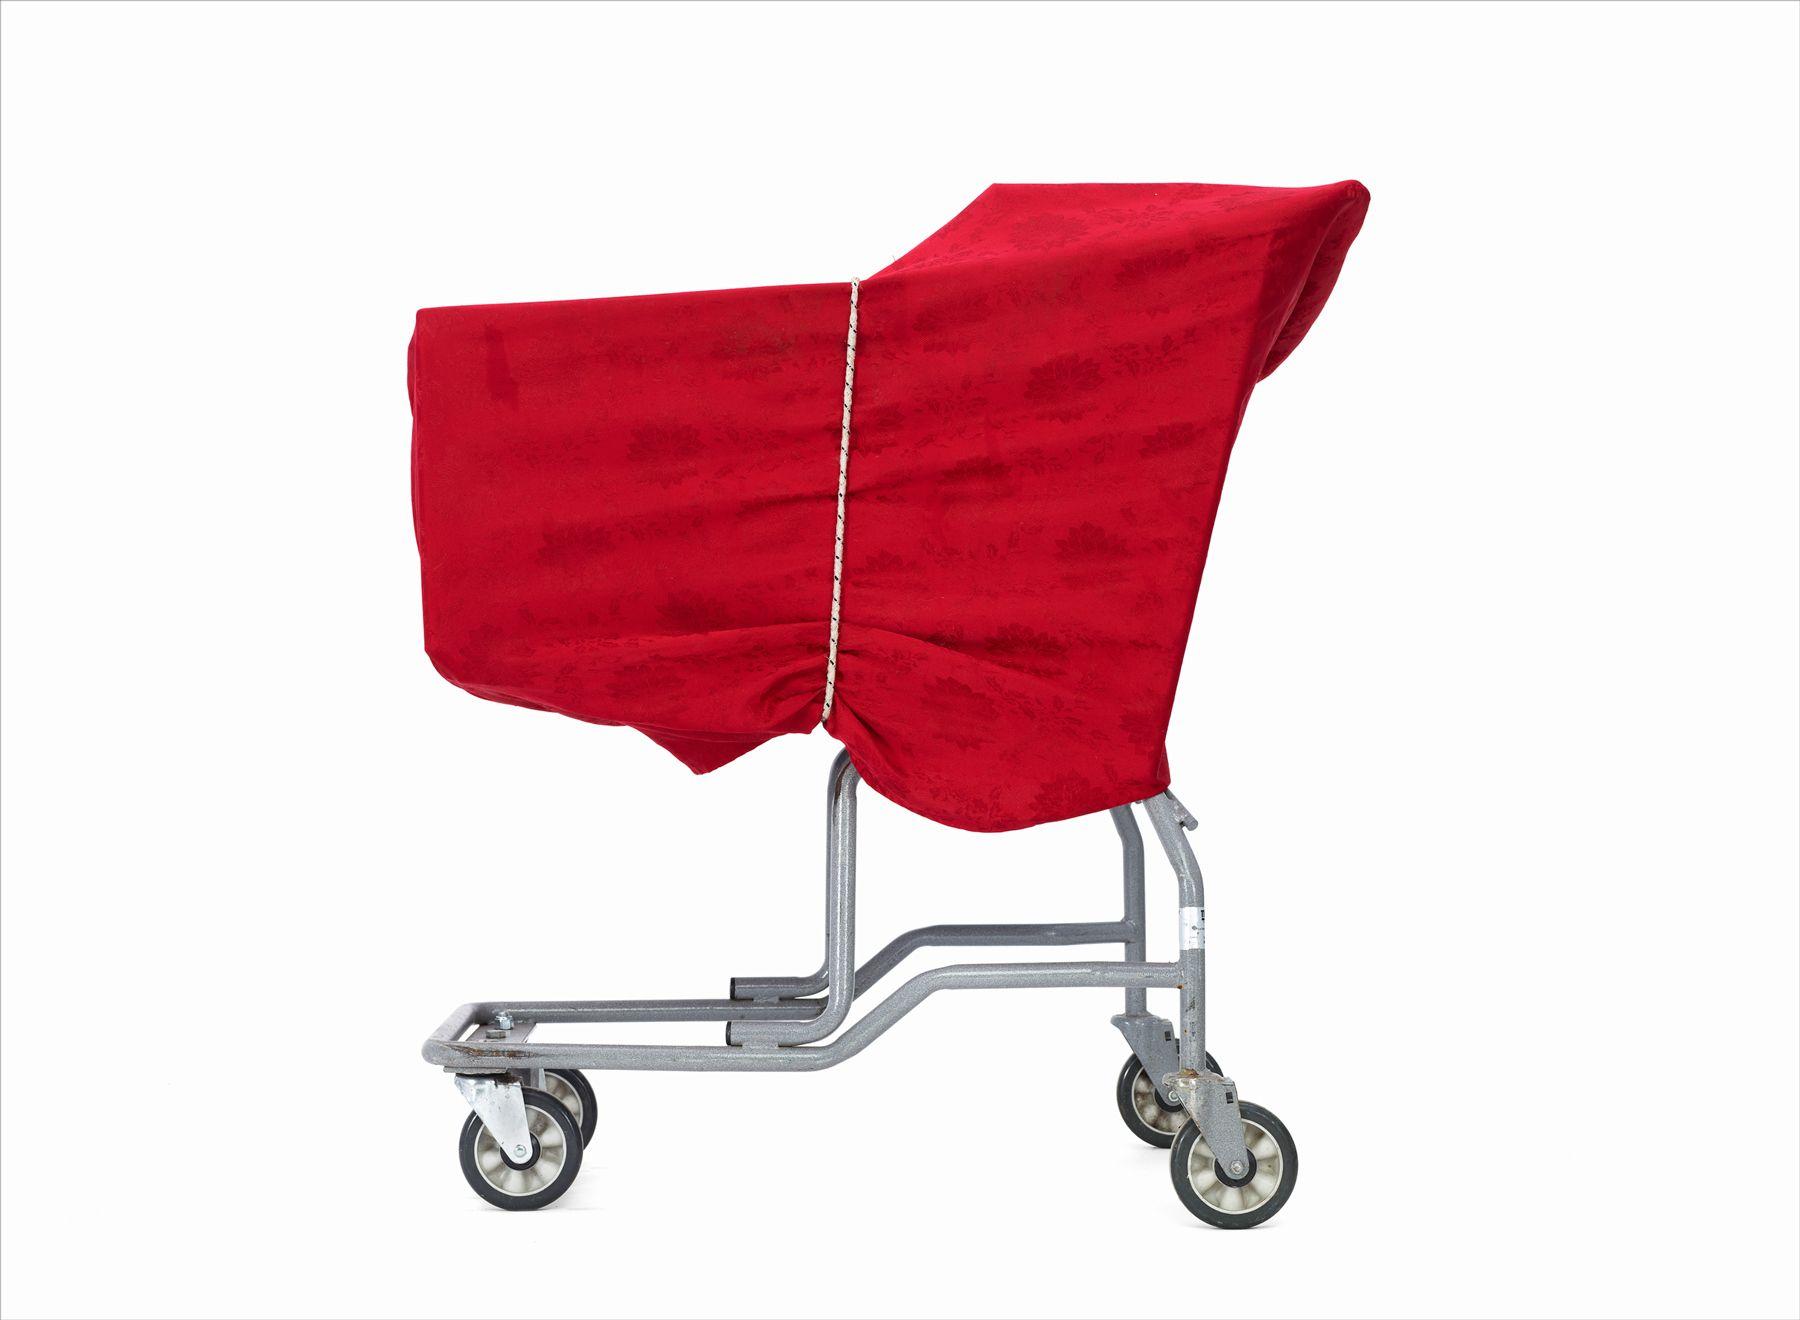 1red_shopping_cart_art